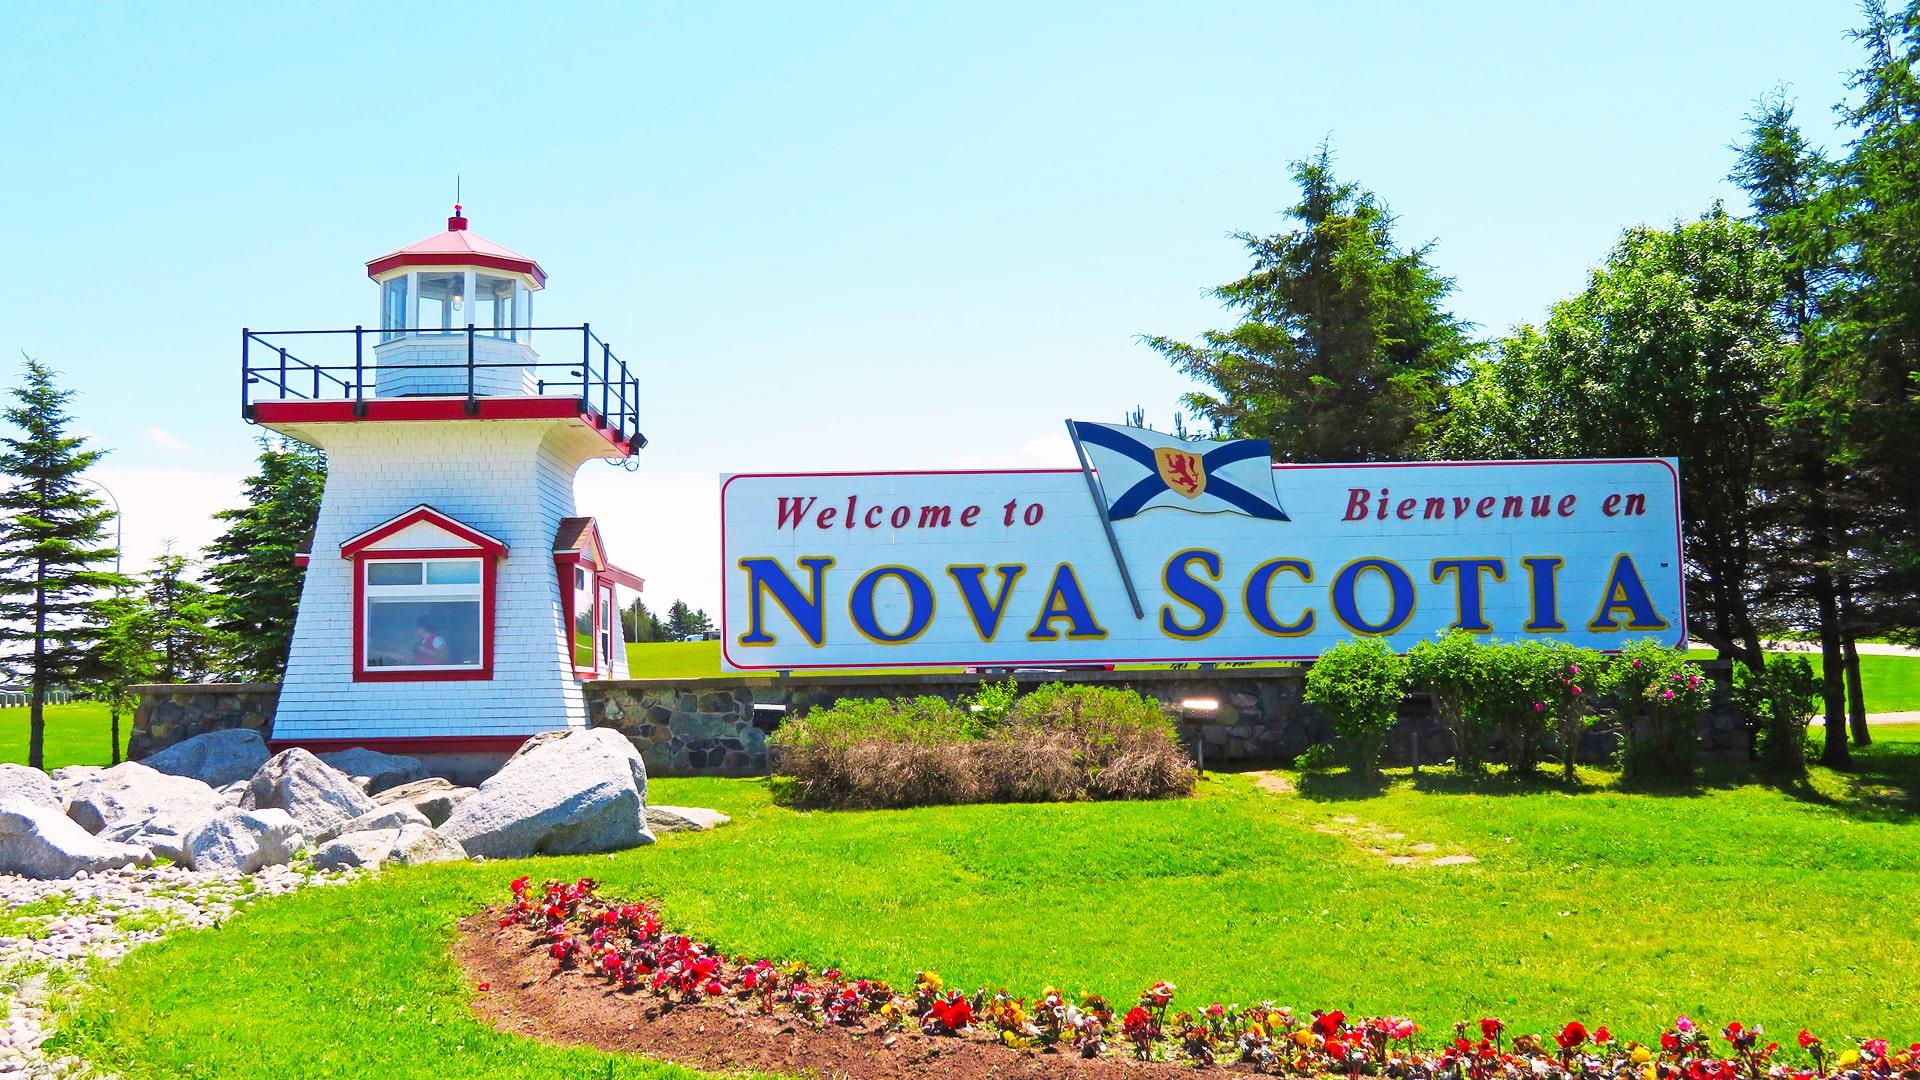 Estudiar un año escolar en colegios públicos de Nova Scotia School District en Nova Scotia, Canadá